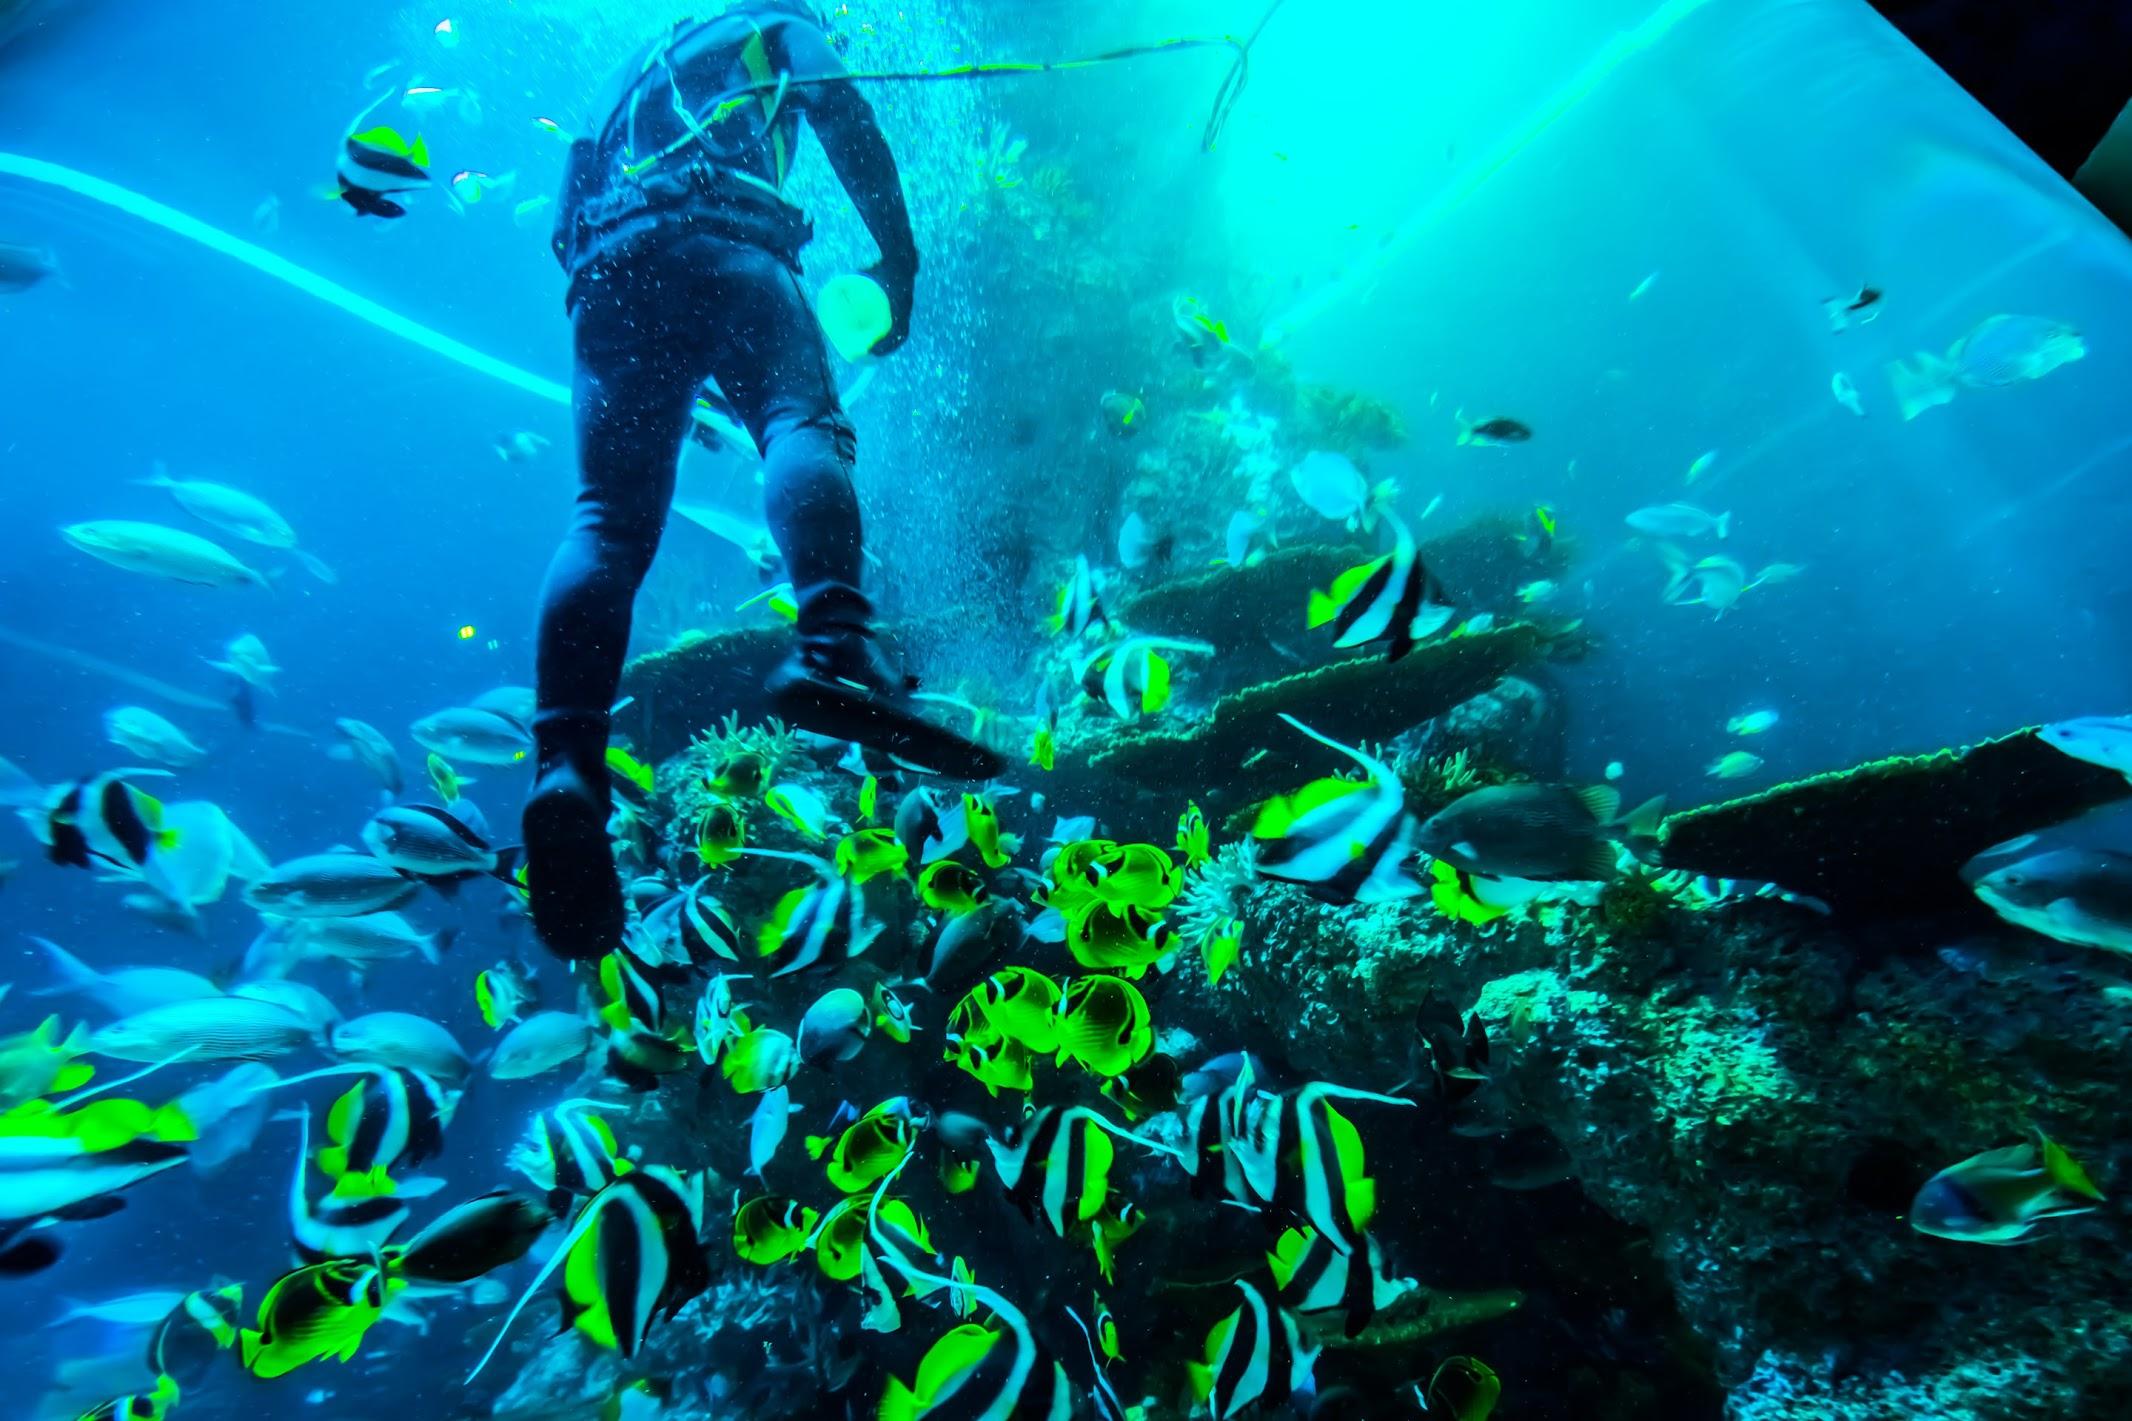 シンガポール セントーサ島 シー・アクアリウム Coral Garden3